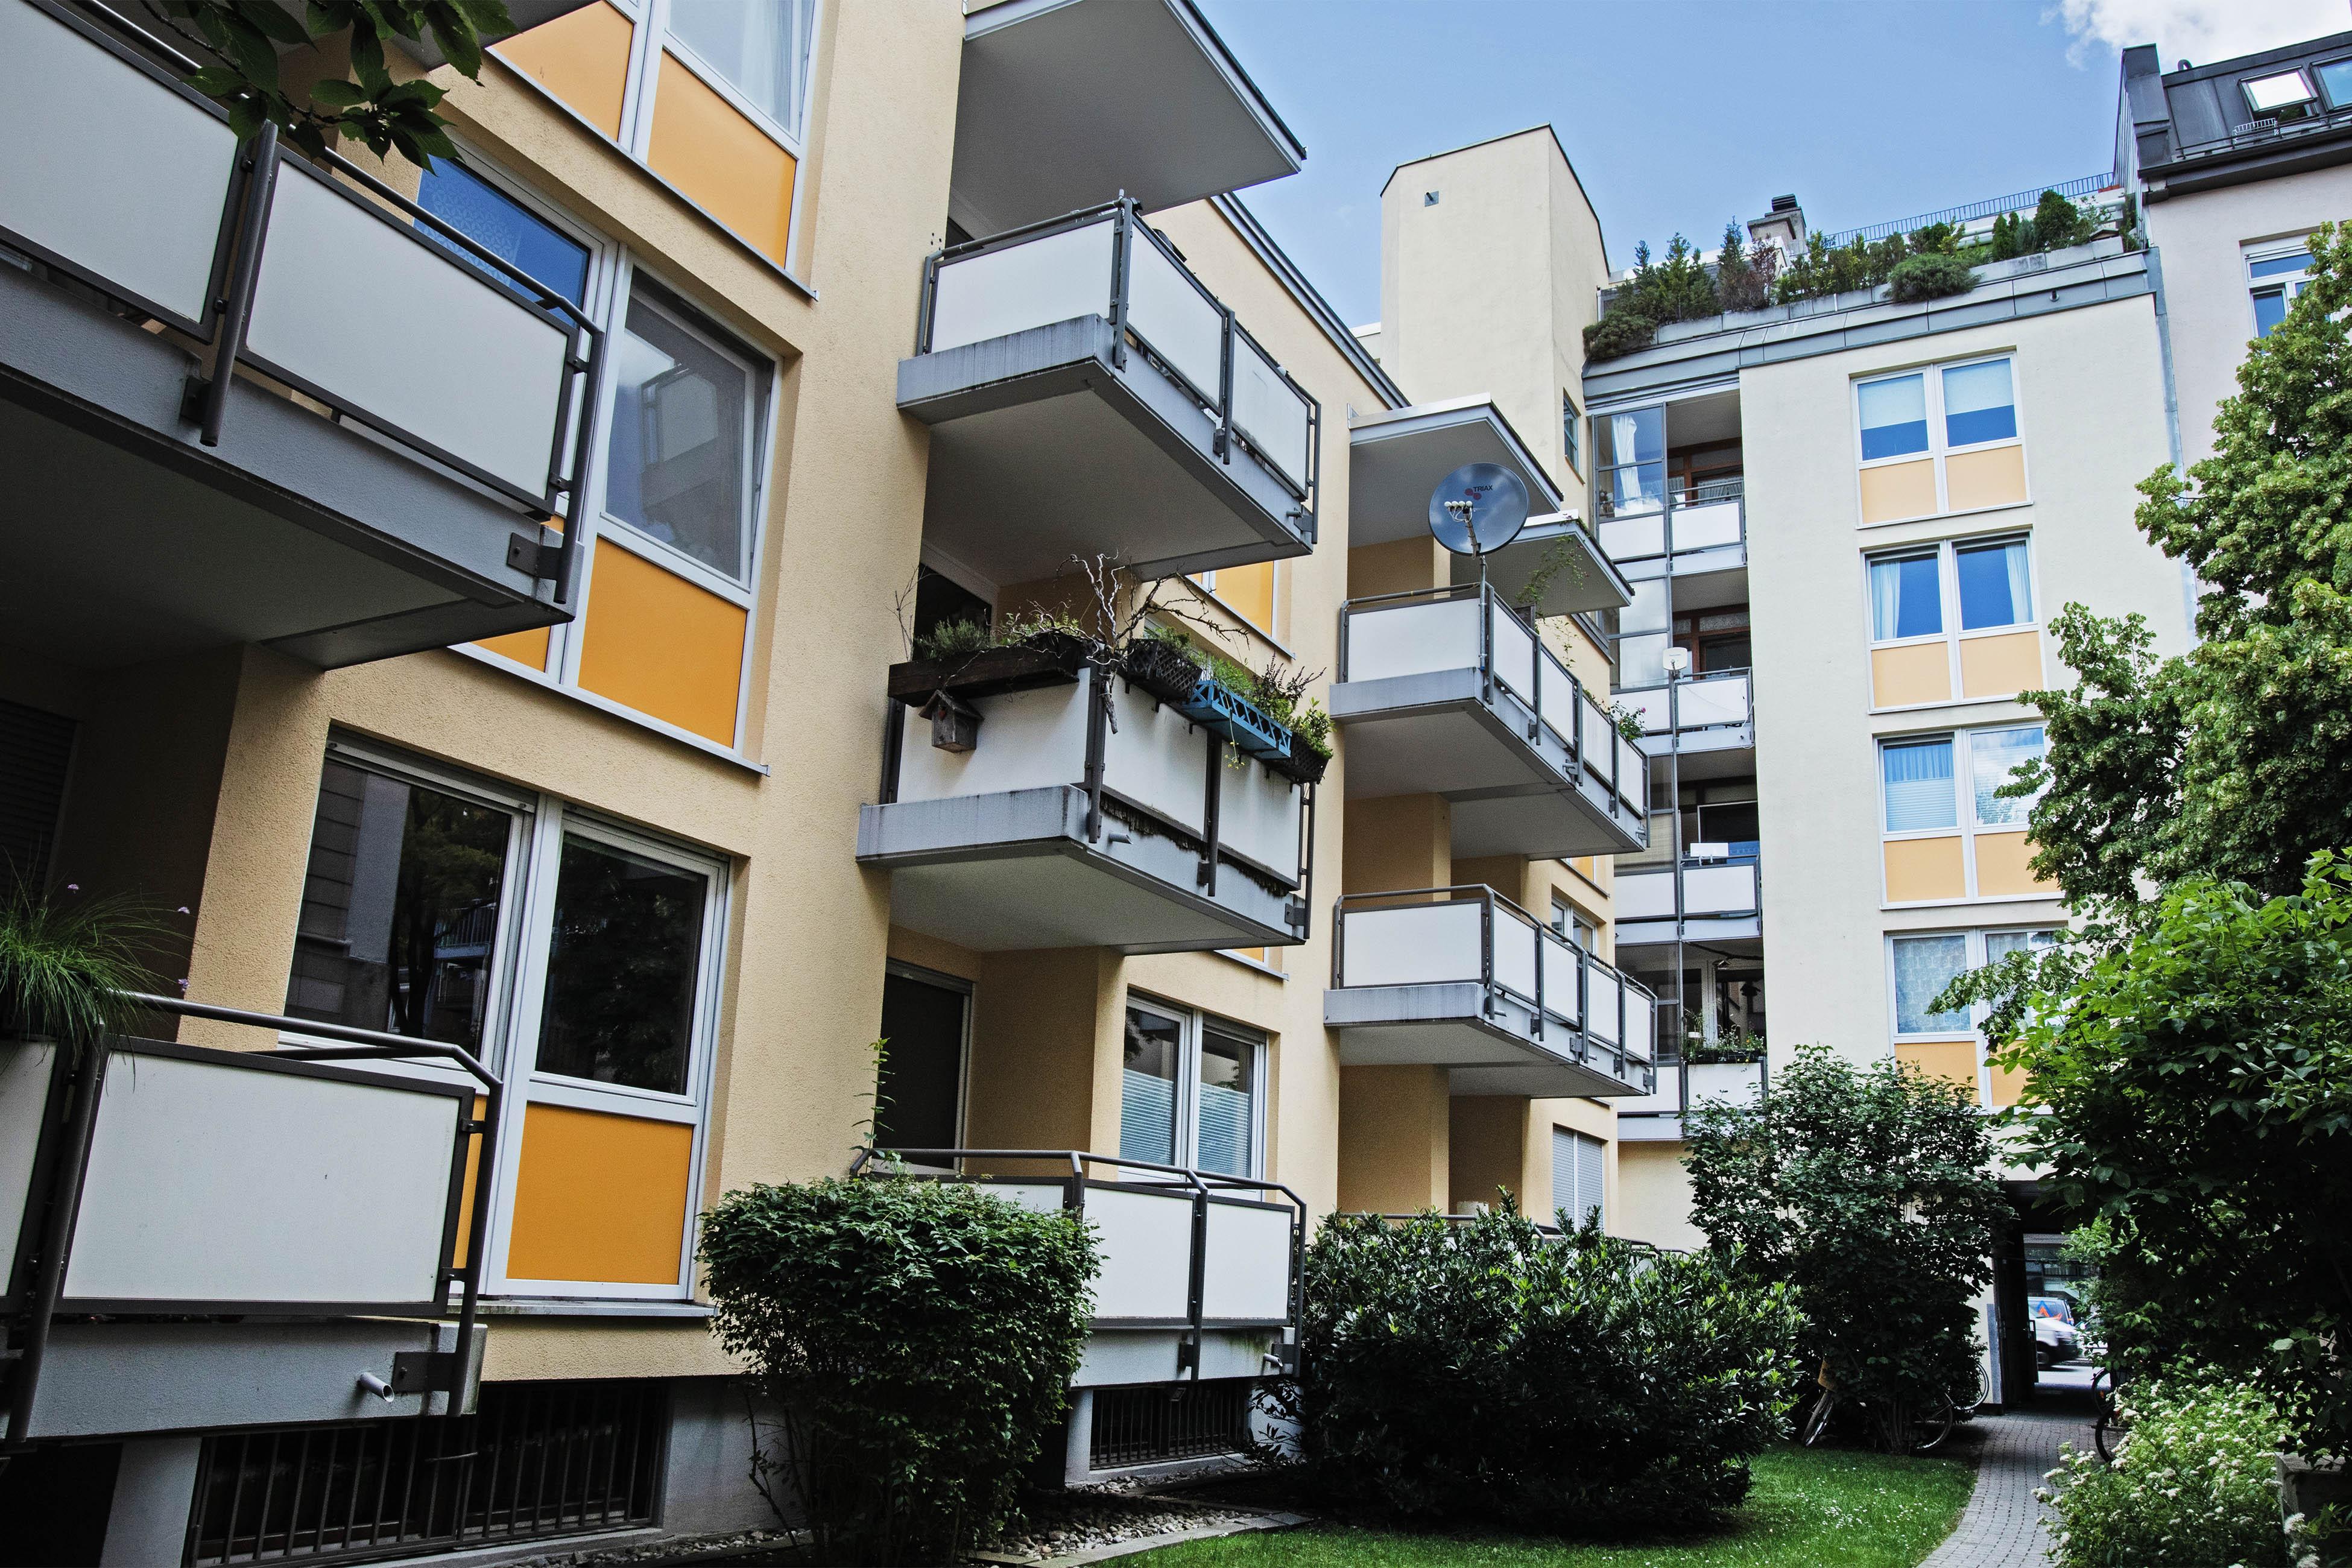 MGF Group Landsberger Straße